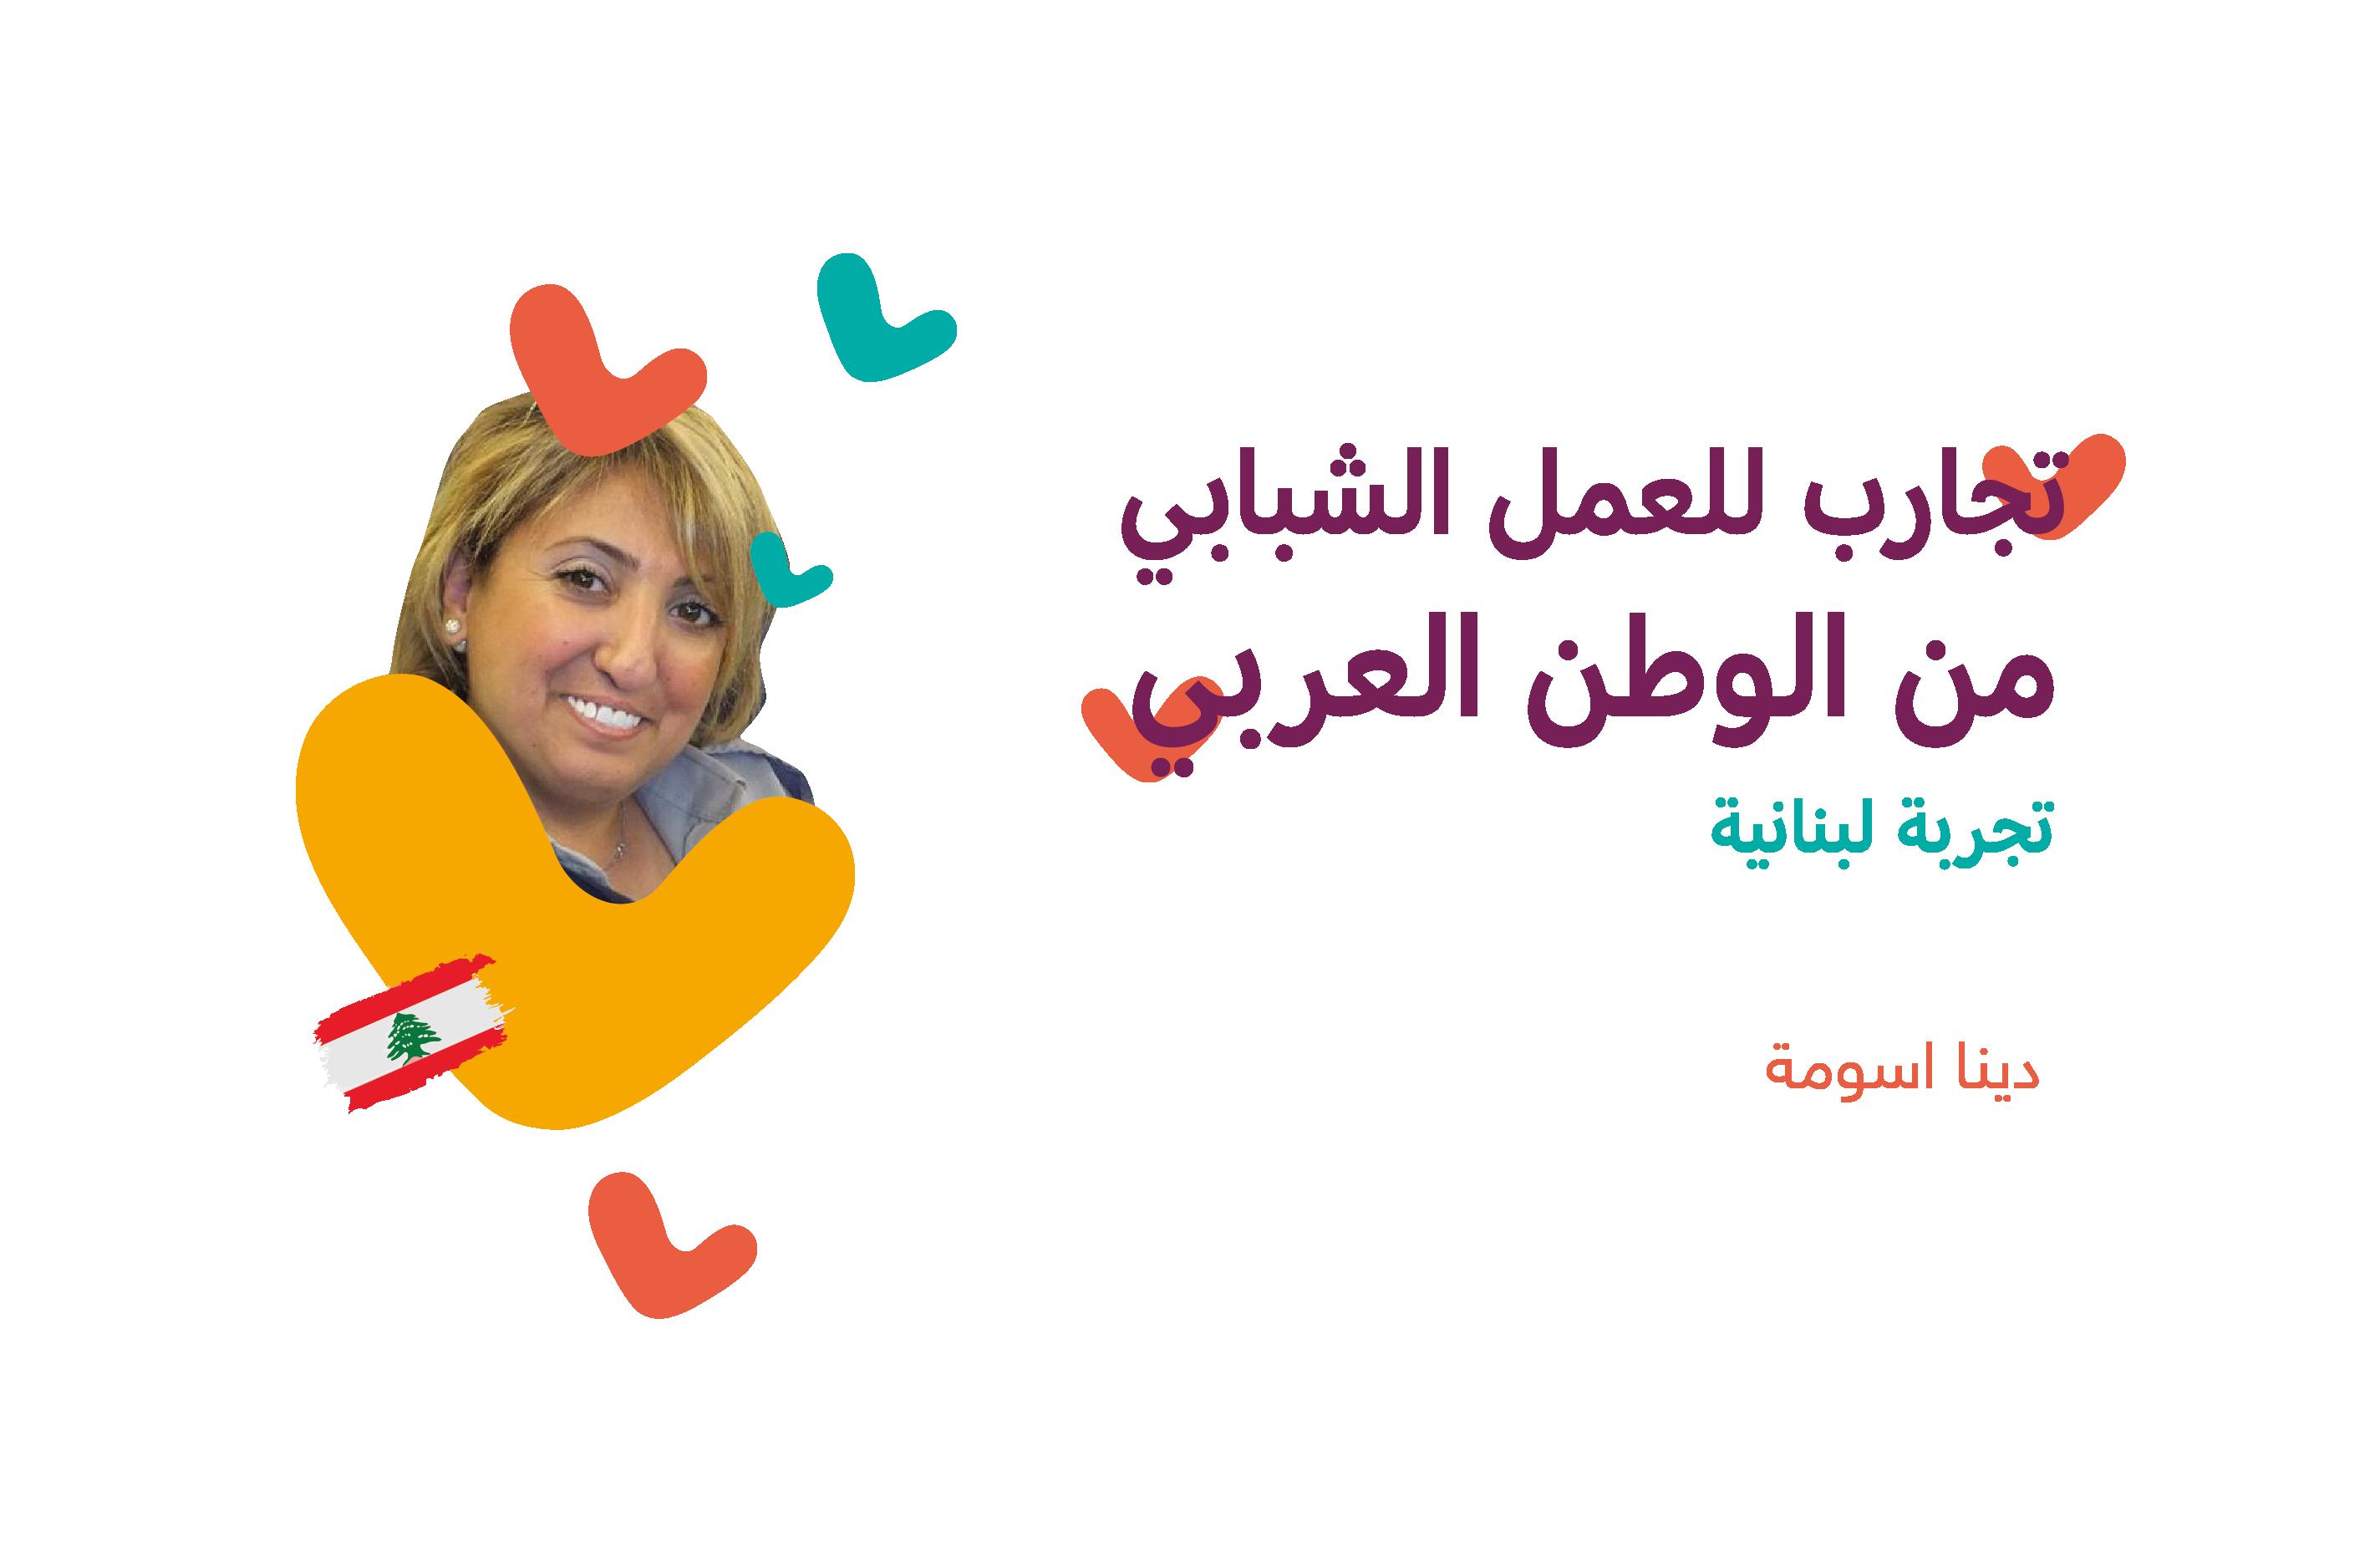 تجارب للعمل الشبابي من الوطن العربي (تجربة لبنانية)